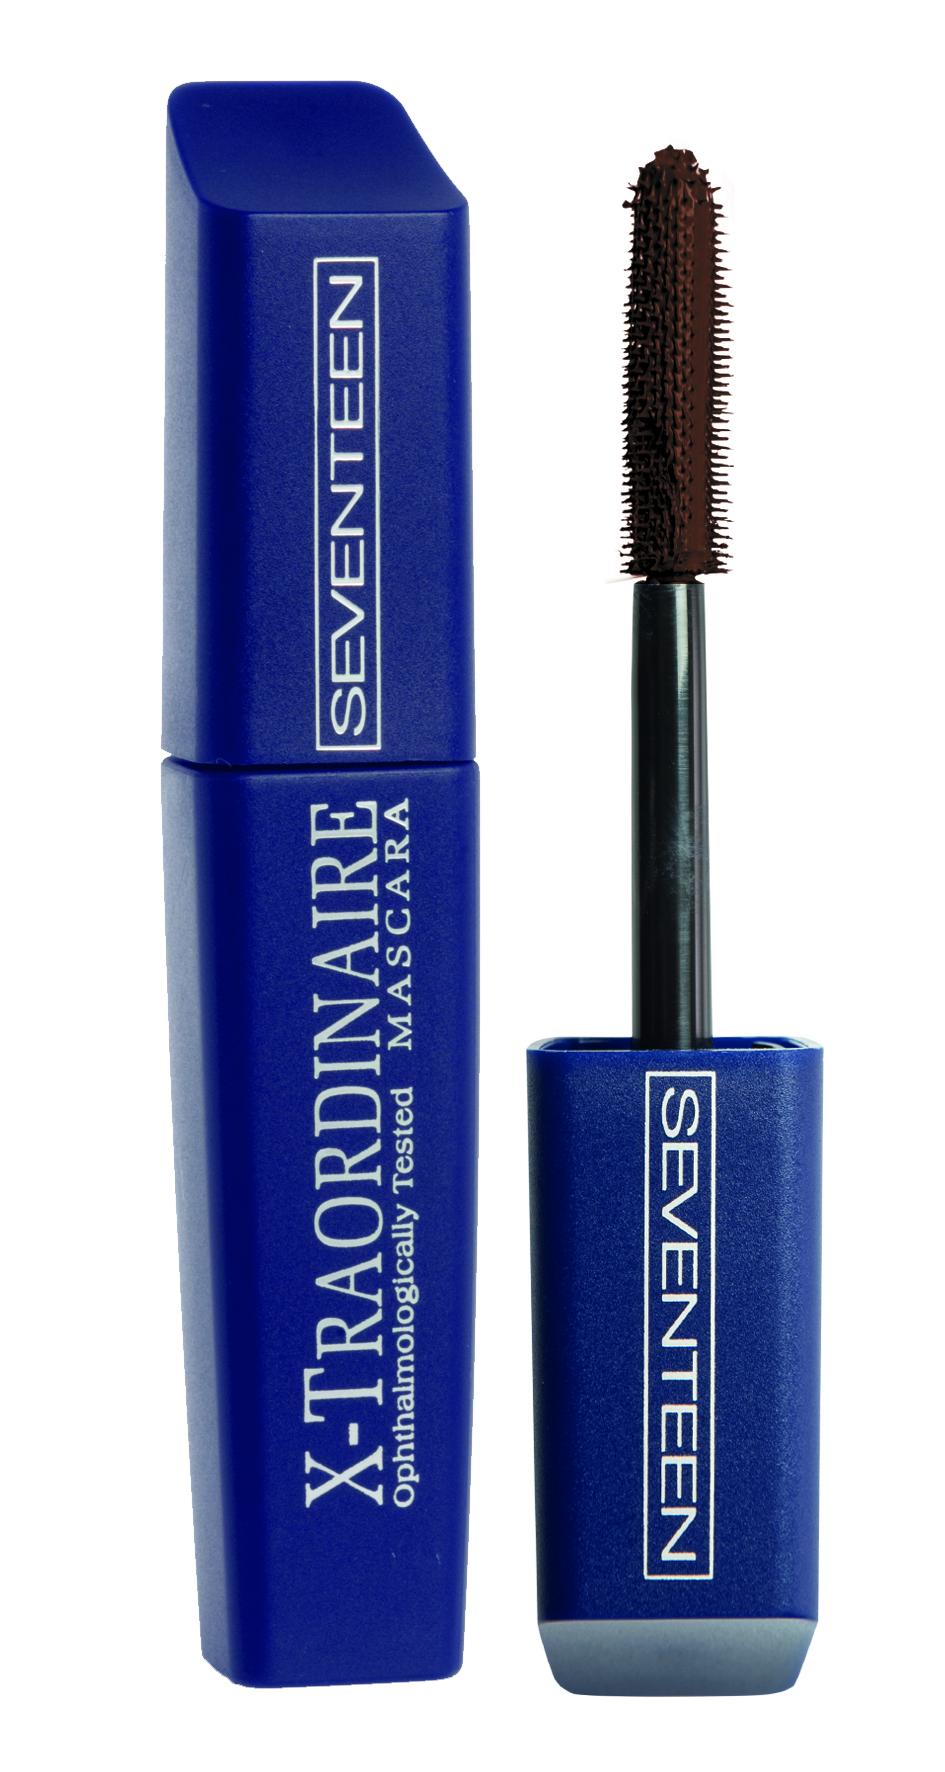 SEVENTEEN Тушь для ресниц удлиняющая, подкручивающая, объемная, 06 коричневая / X-Traordinare Mascara 12 г тушь для ресниц isadora hypo allergenic mascara 02